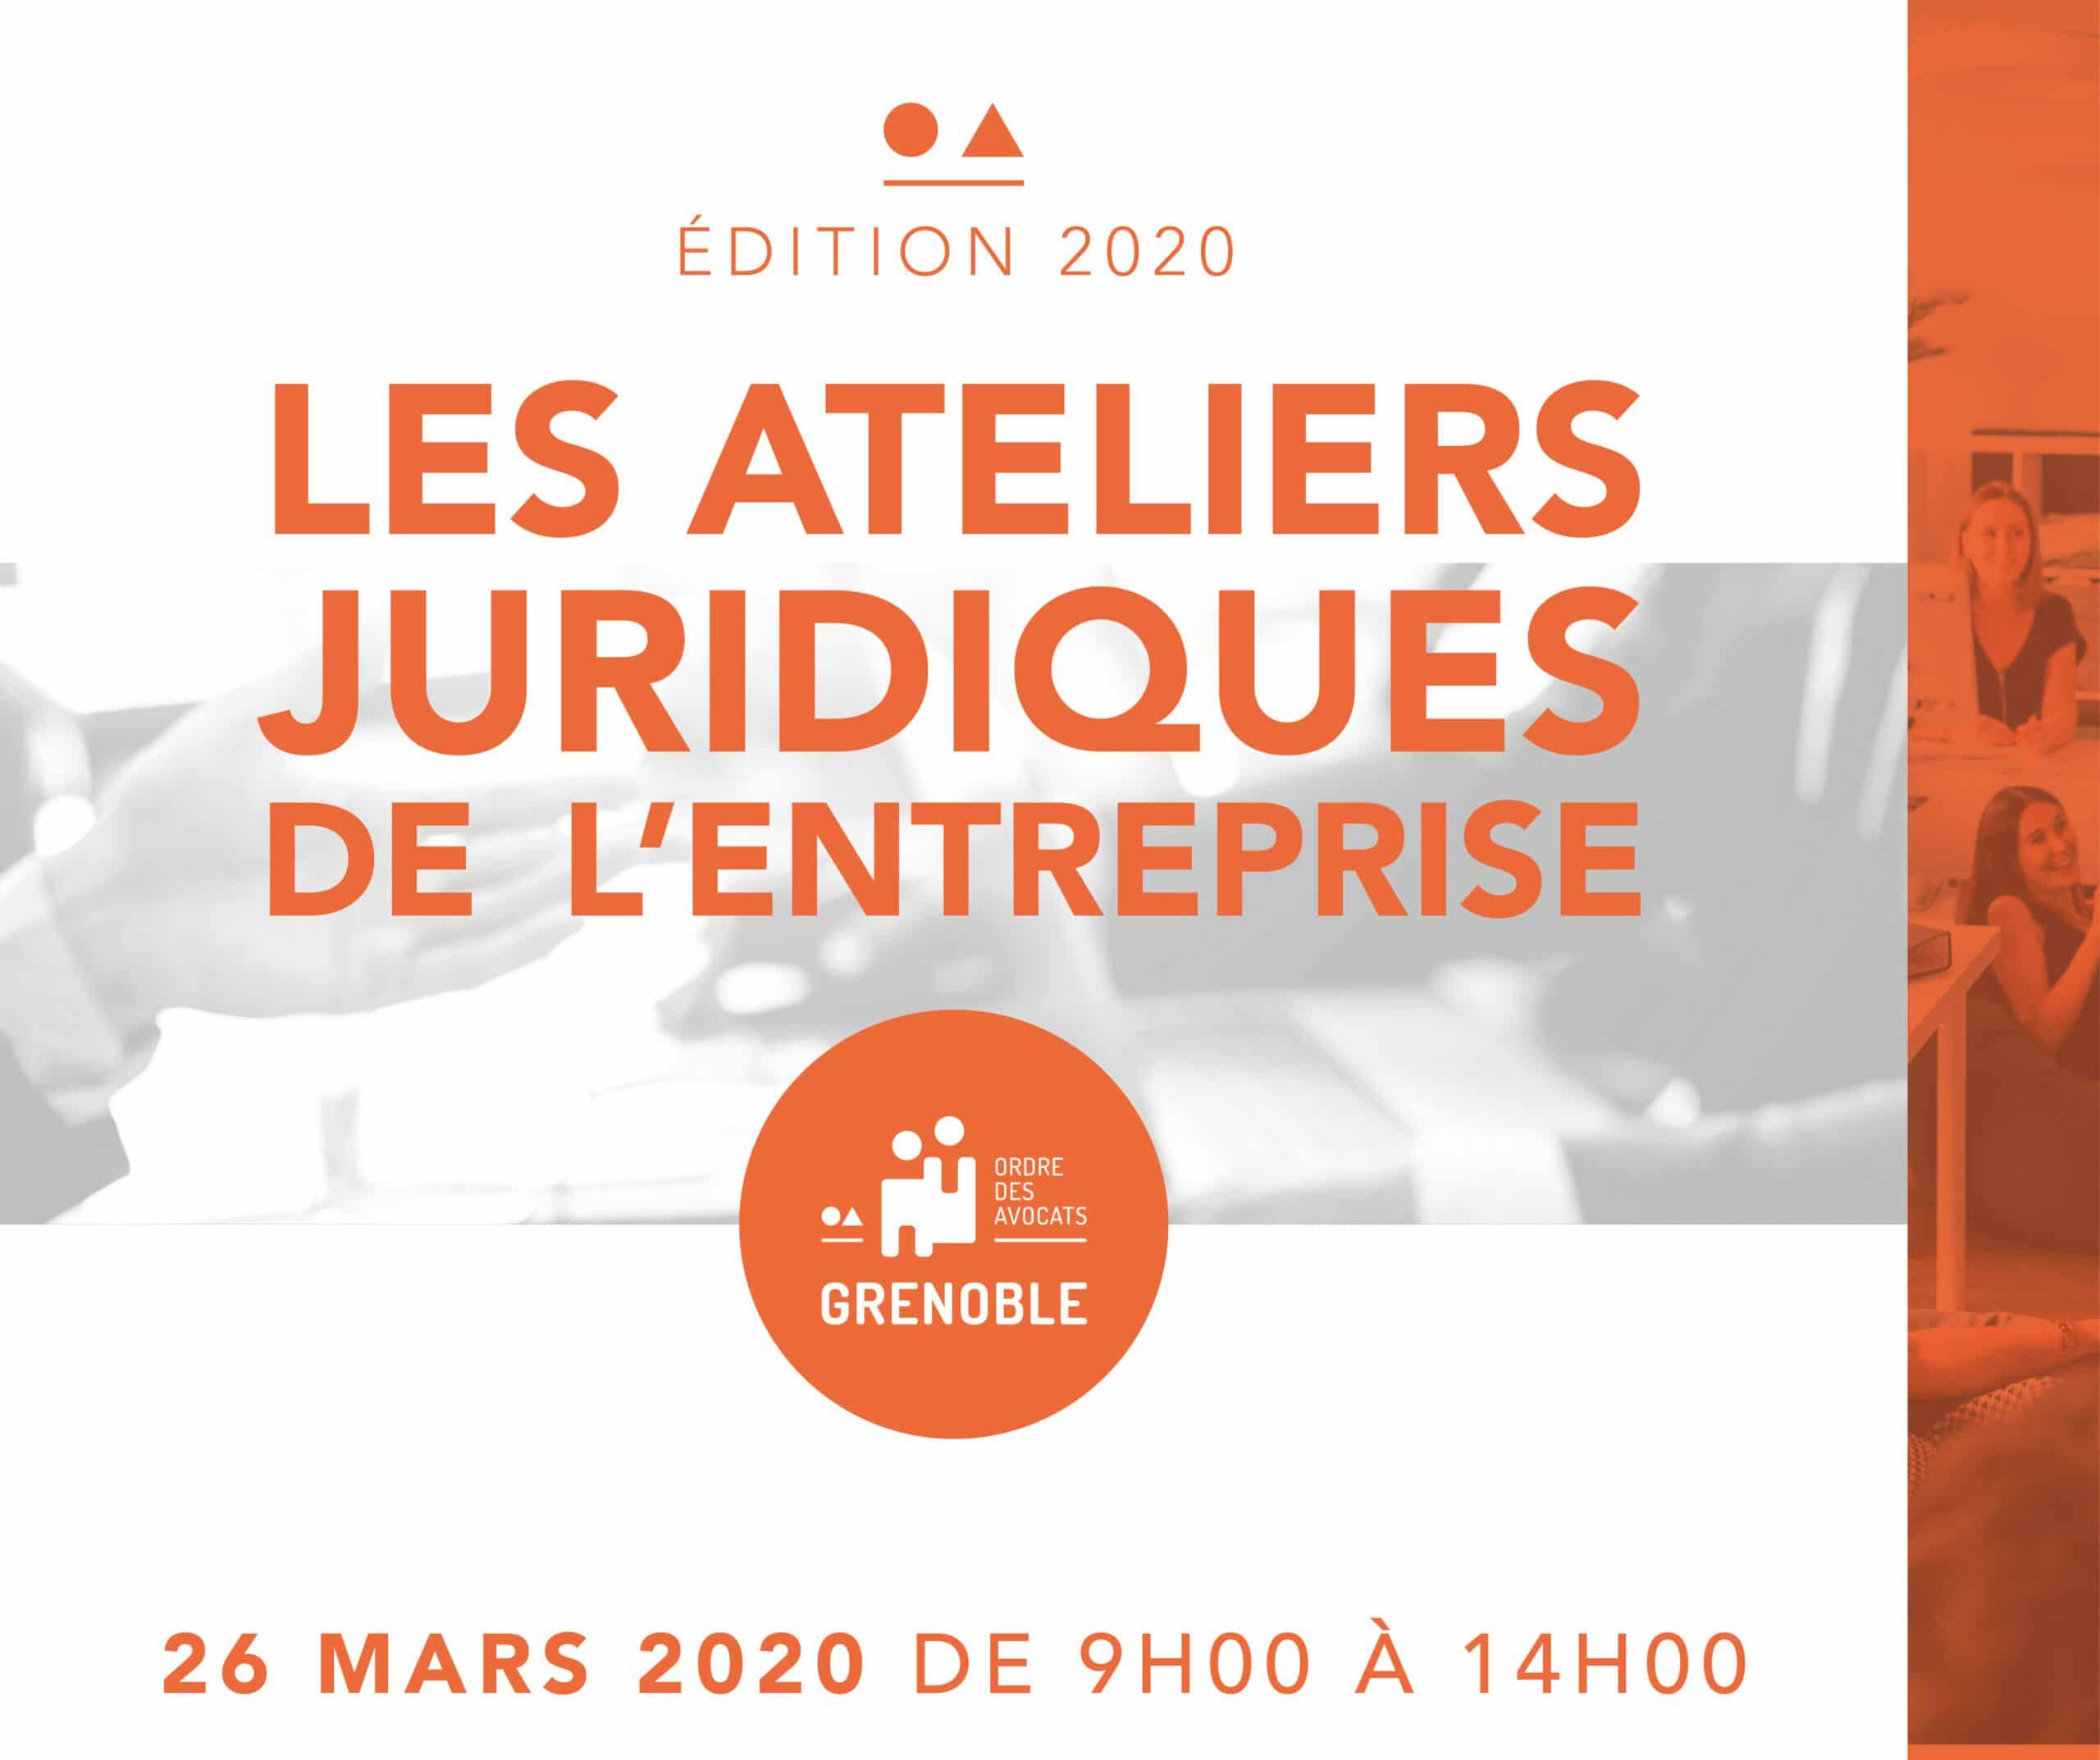 Les Ateliers Juridiques de l'Entreprise – Edition 2020